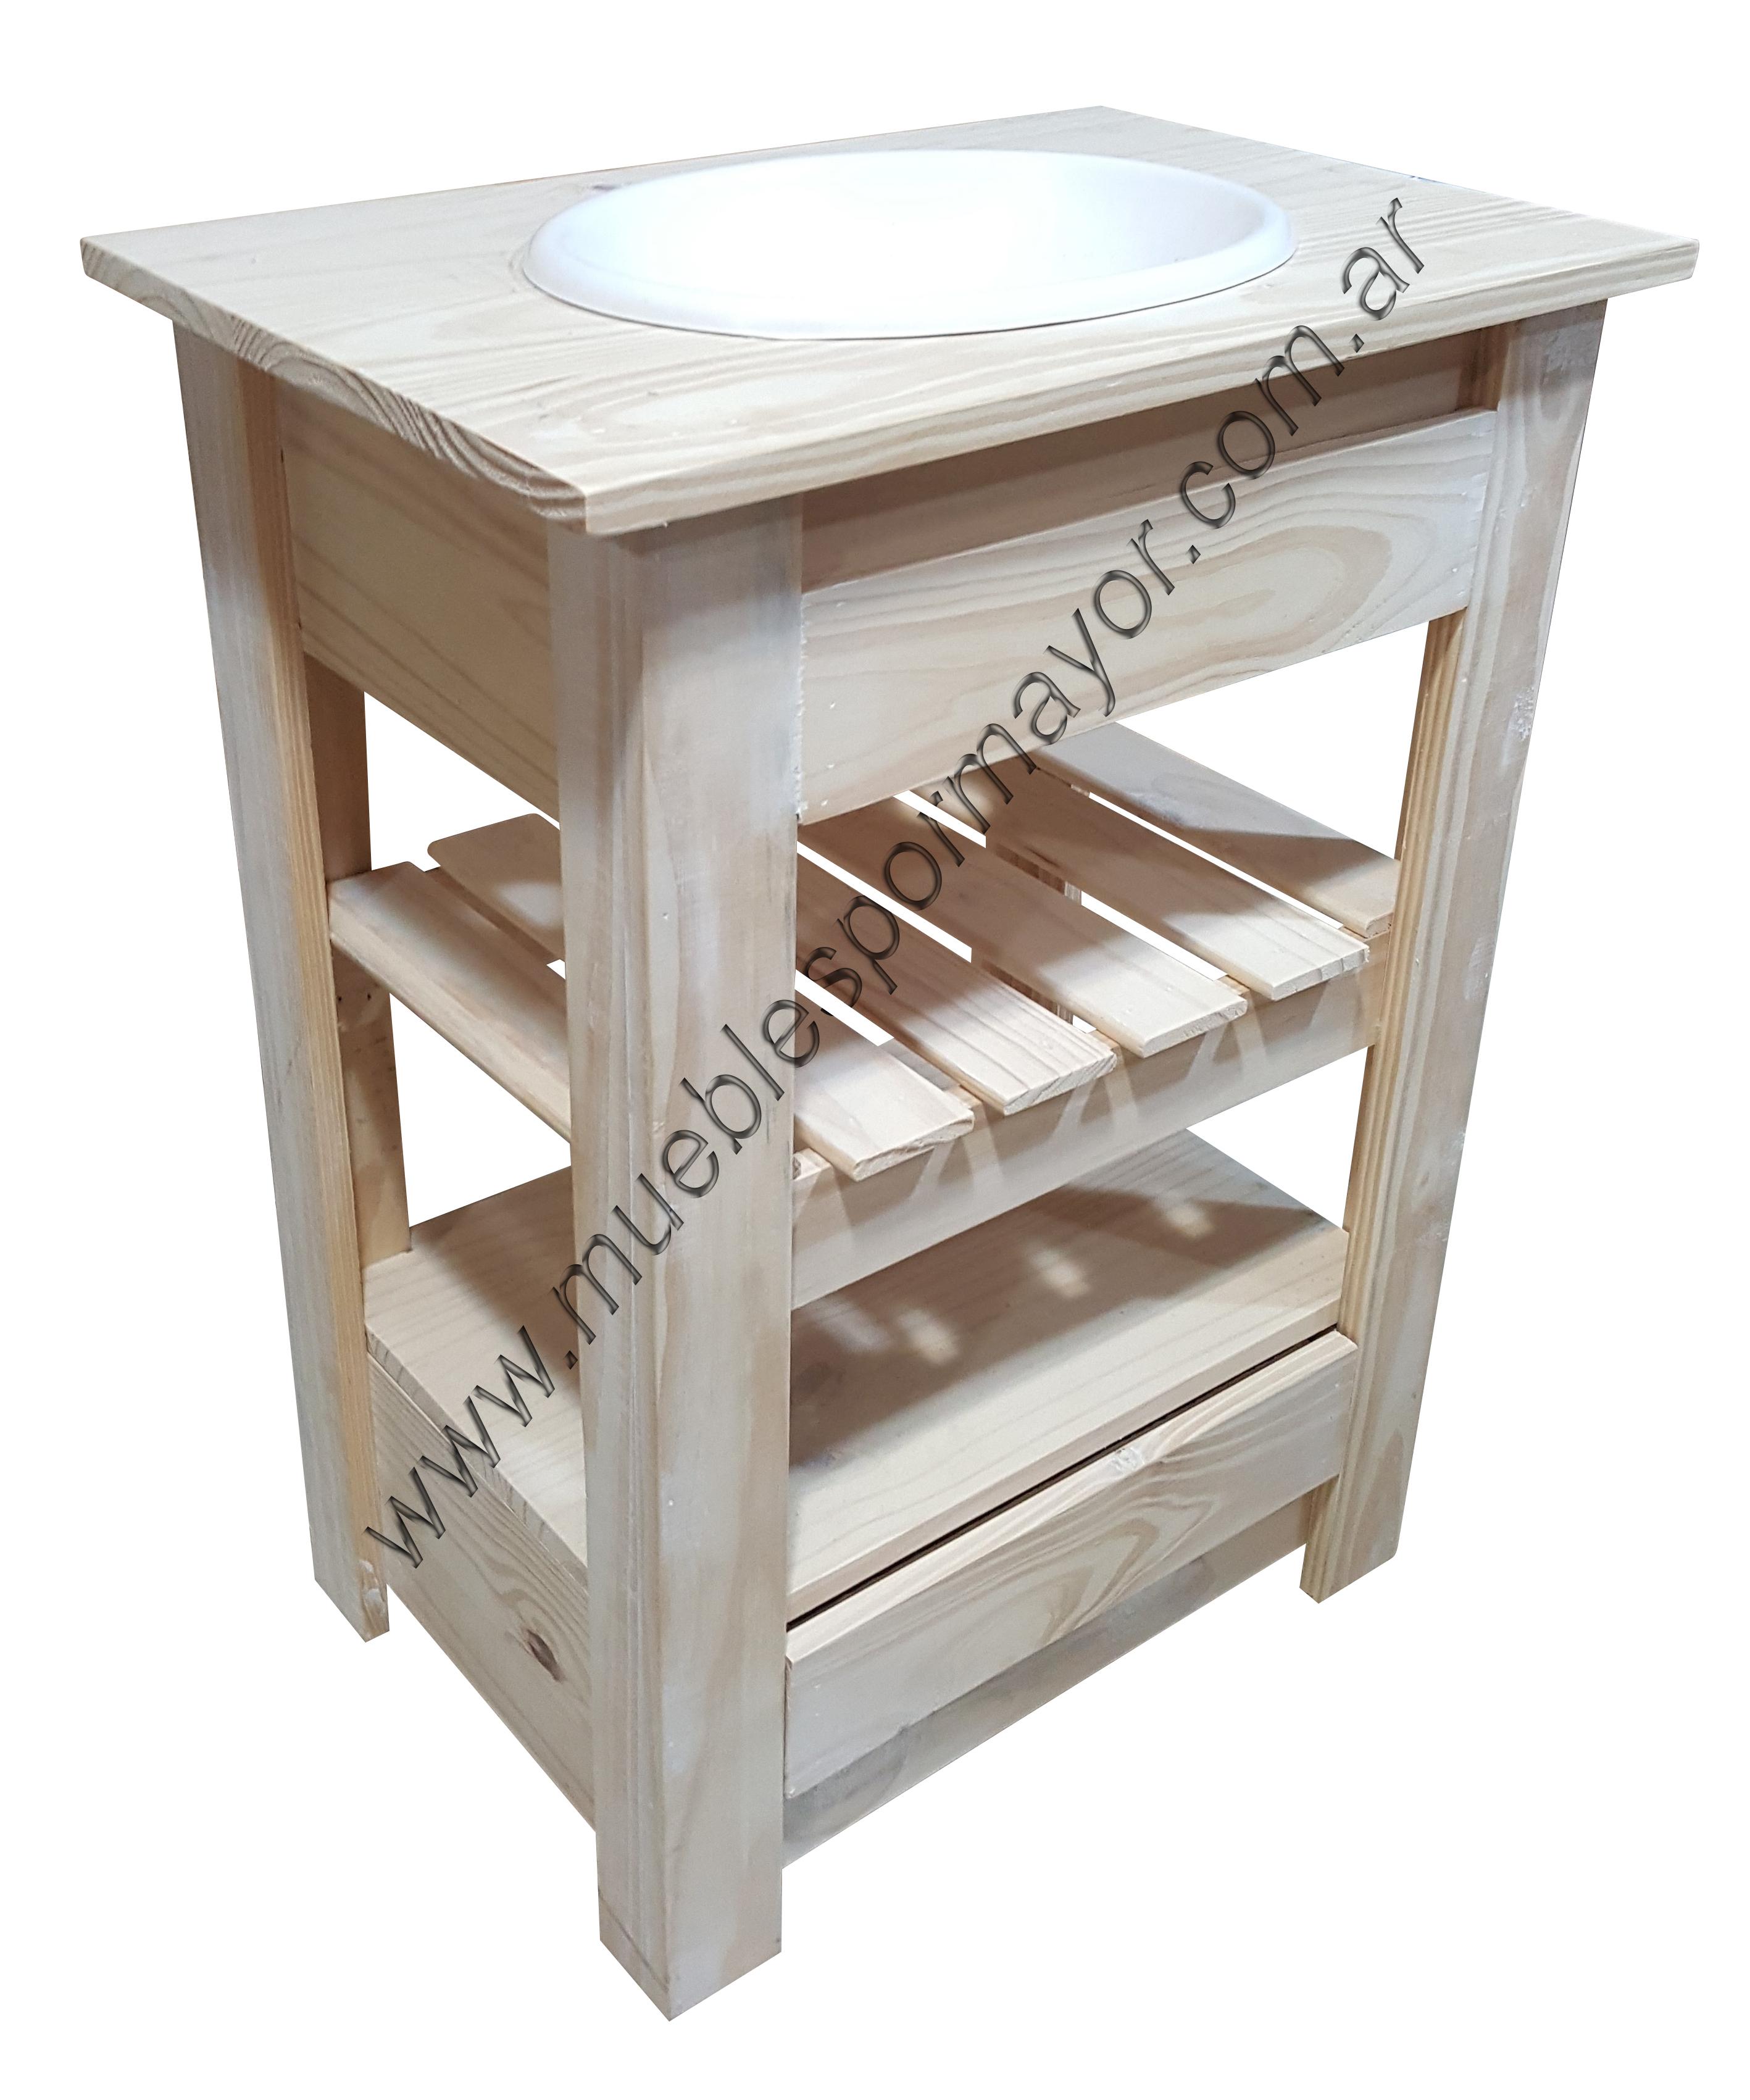 Muebles pino por mayor for Fabrica de muebles de pino